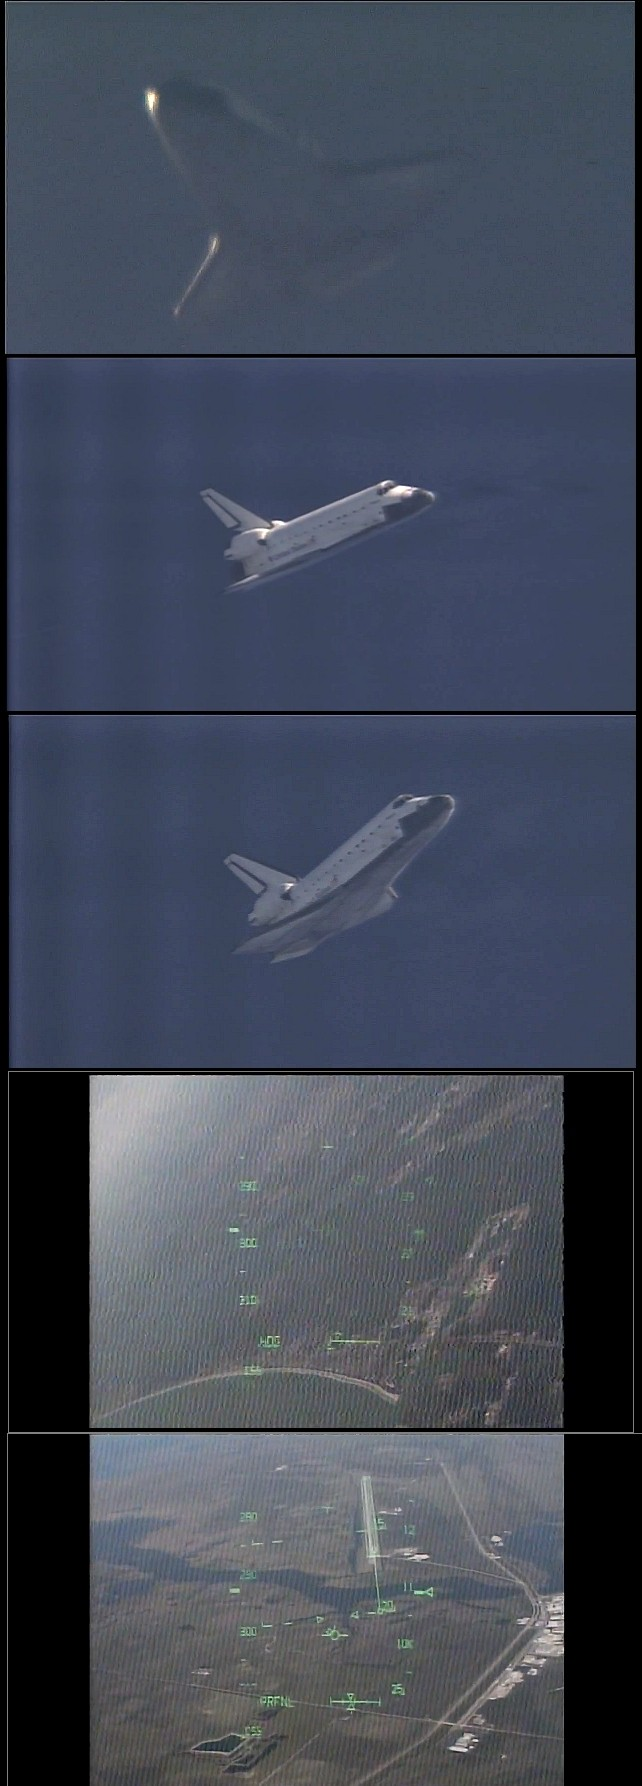 [STS-129] Atlantis : retour sur Terre 27/11/2009 - Page 2 Hd110